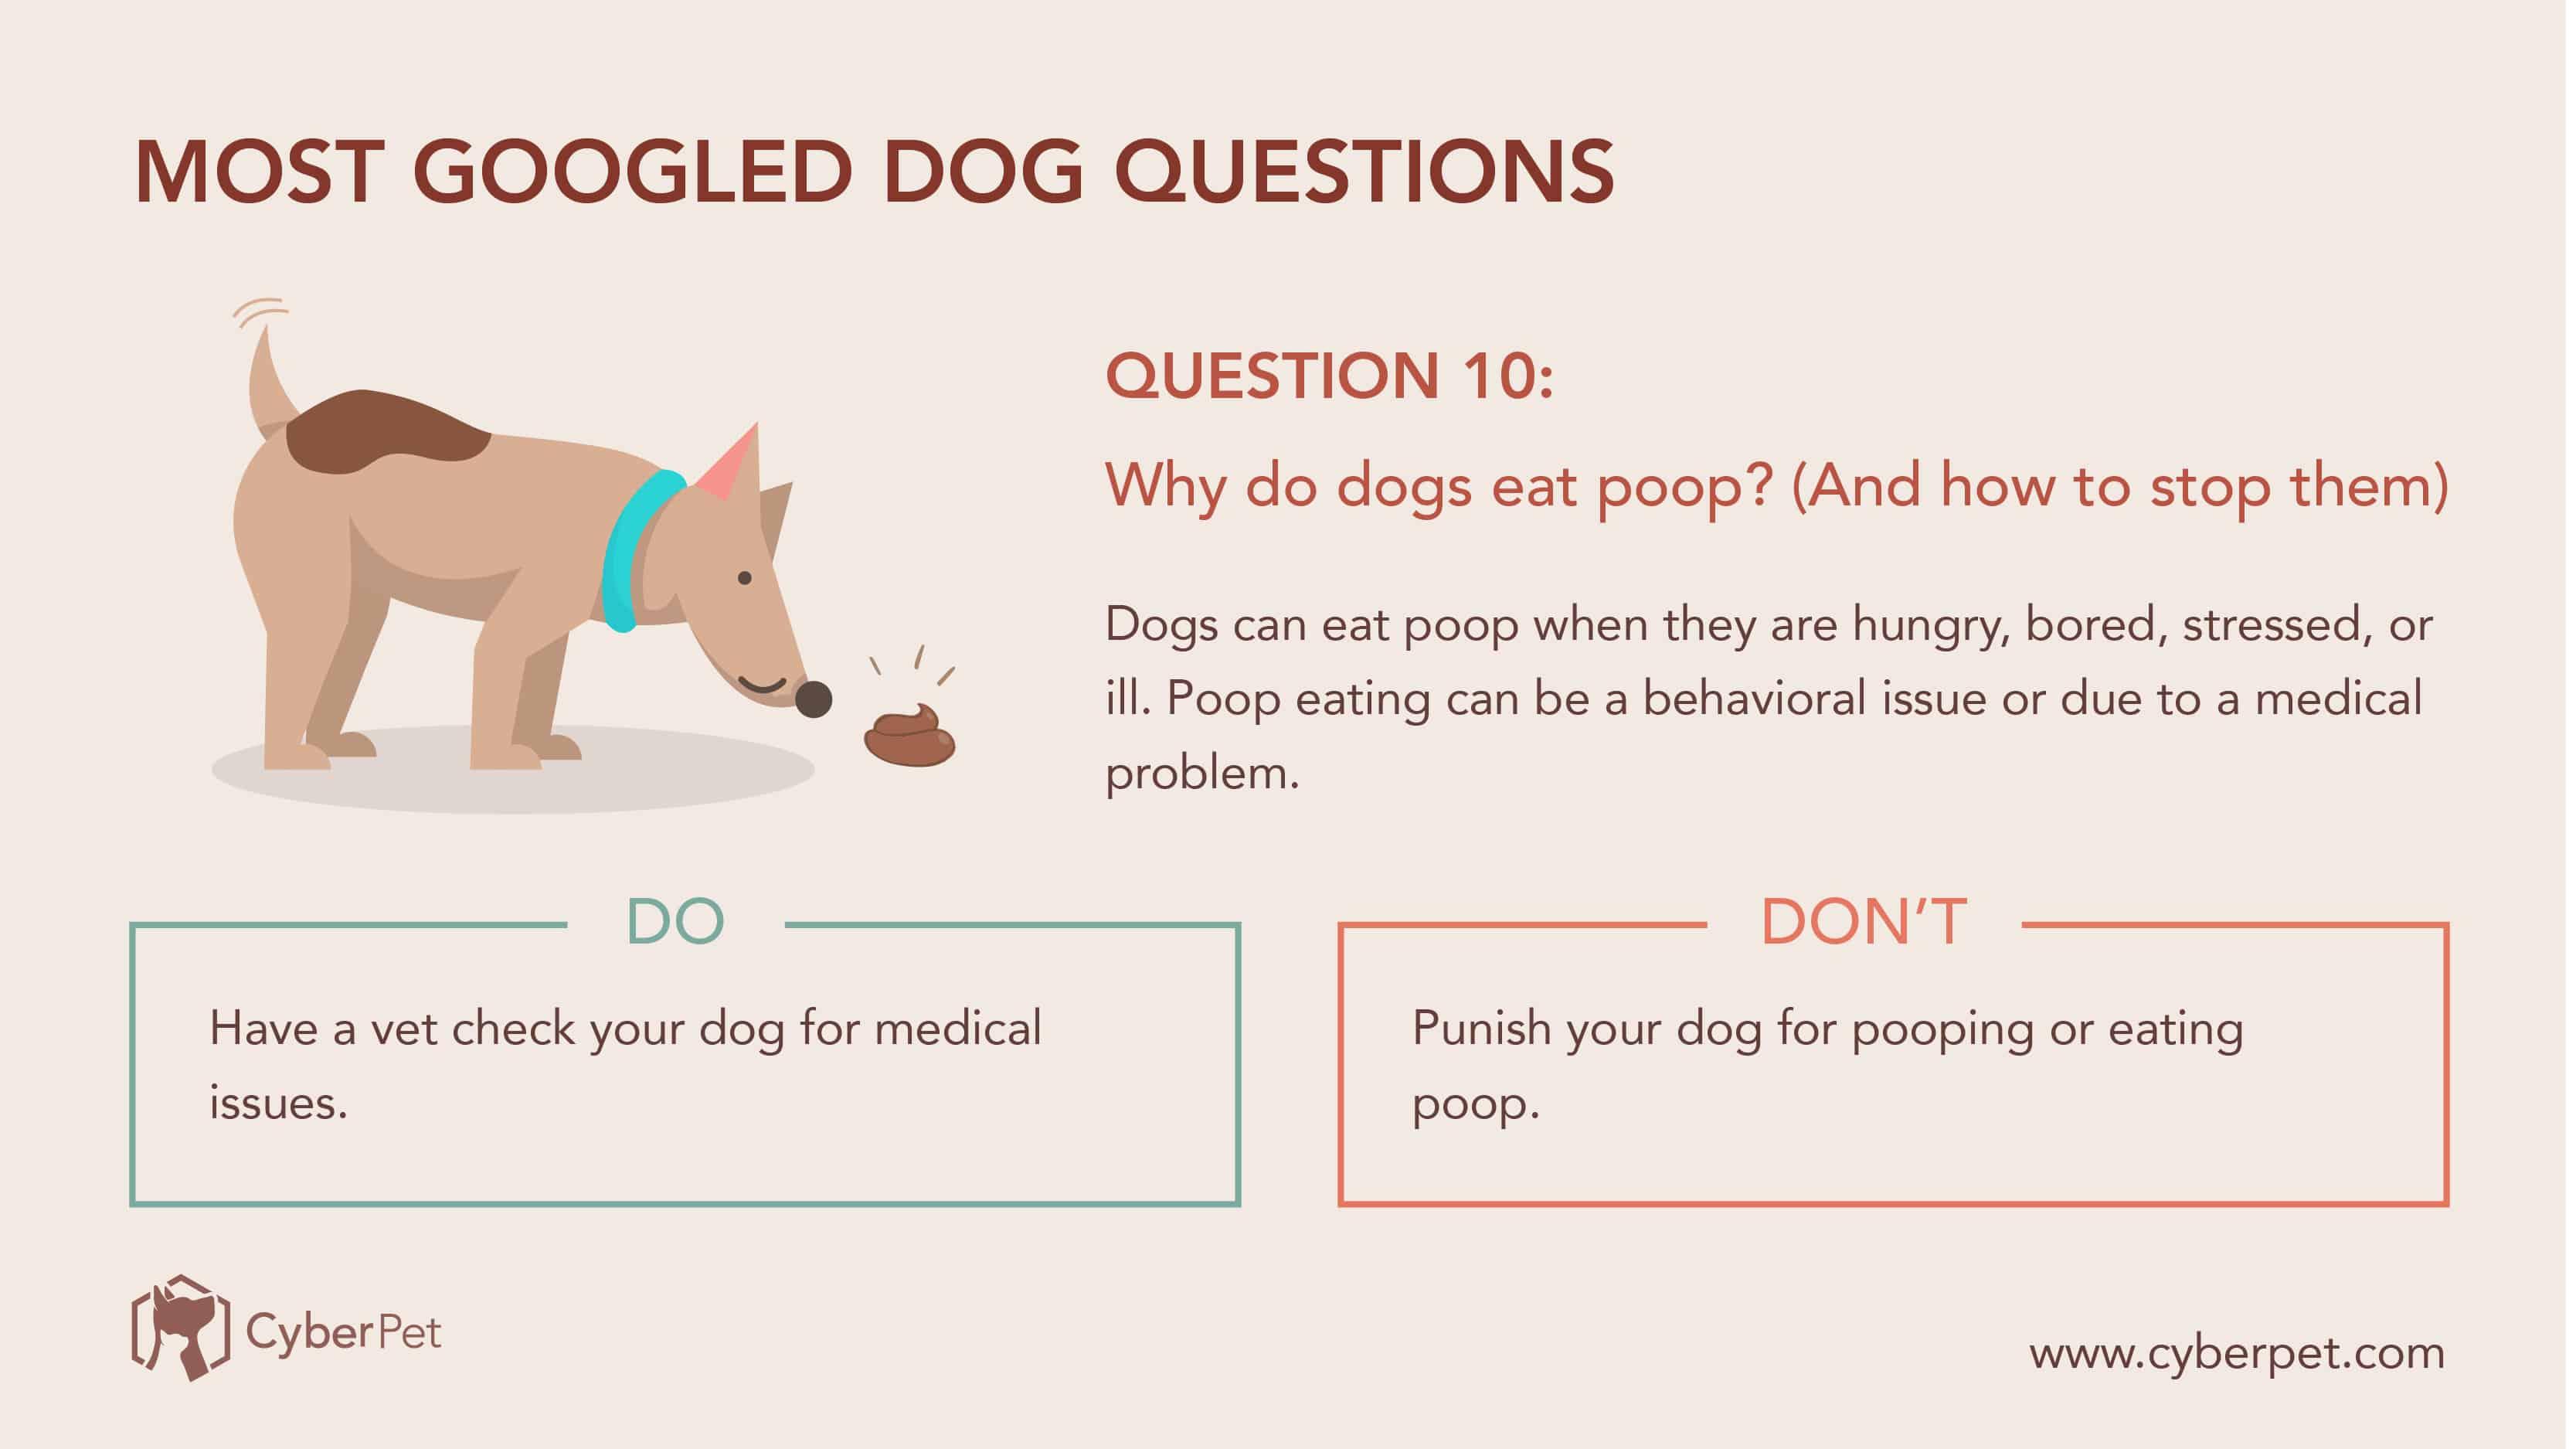 10 Most-Googled Dog Questions - Q10